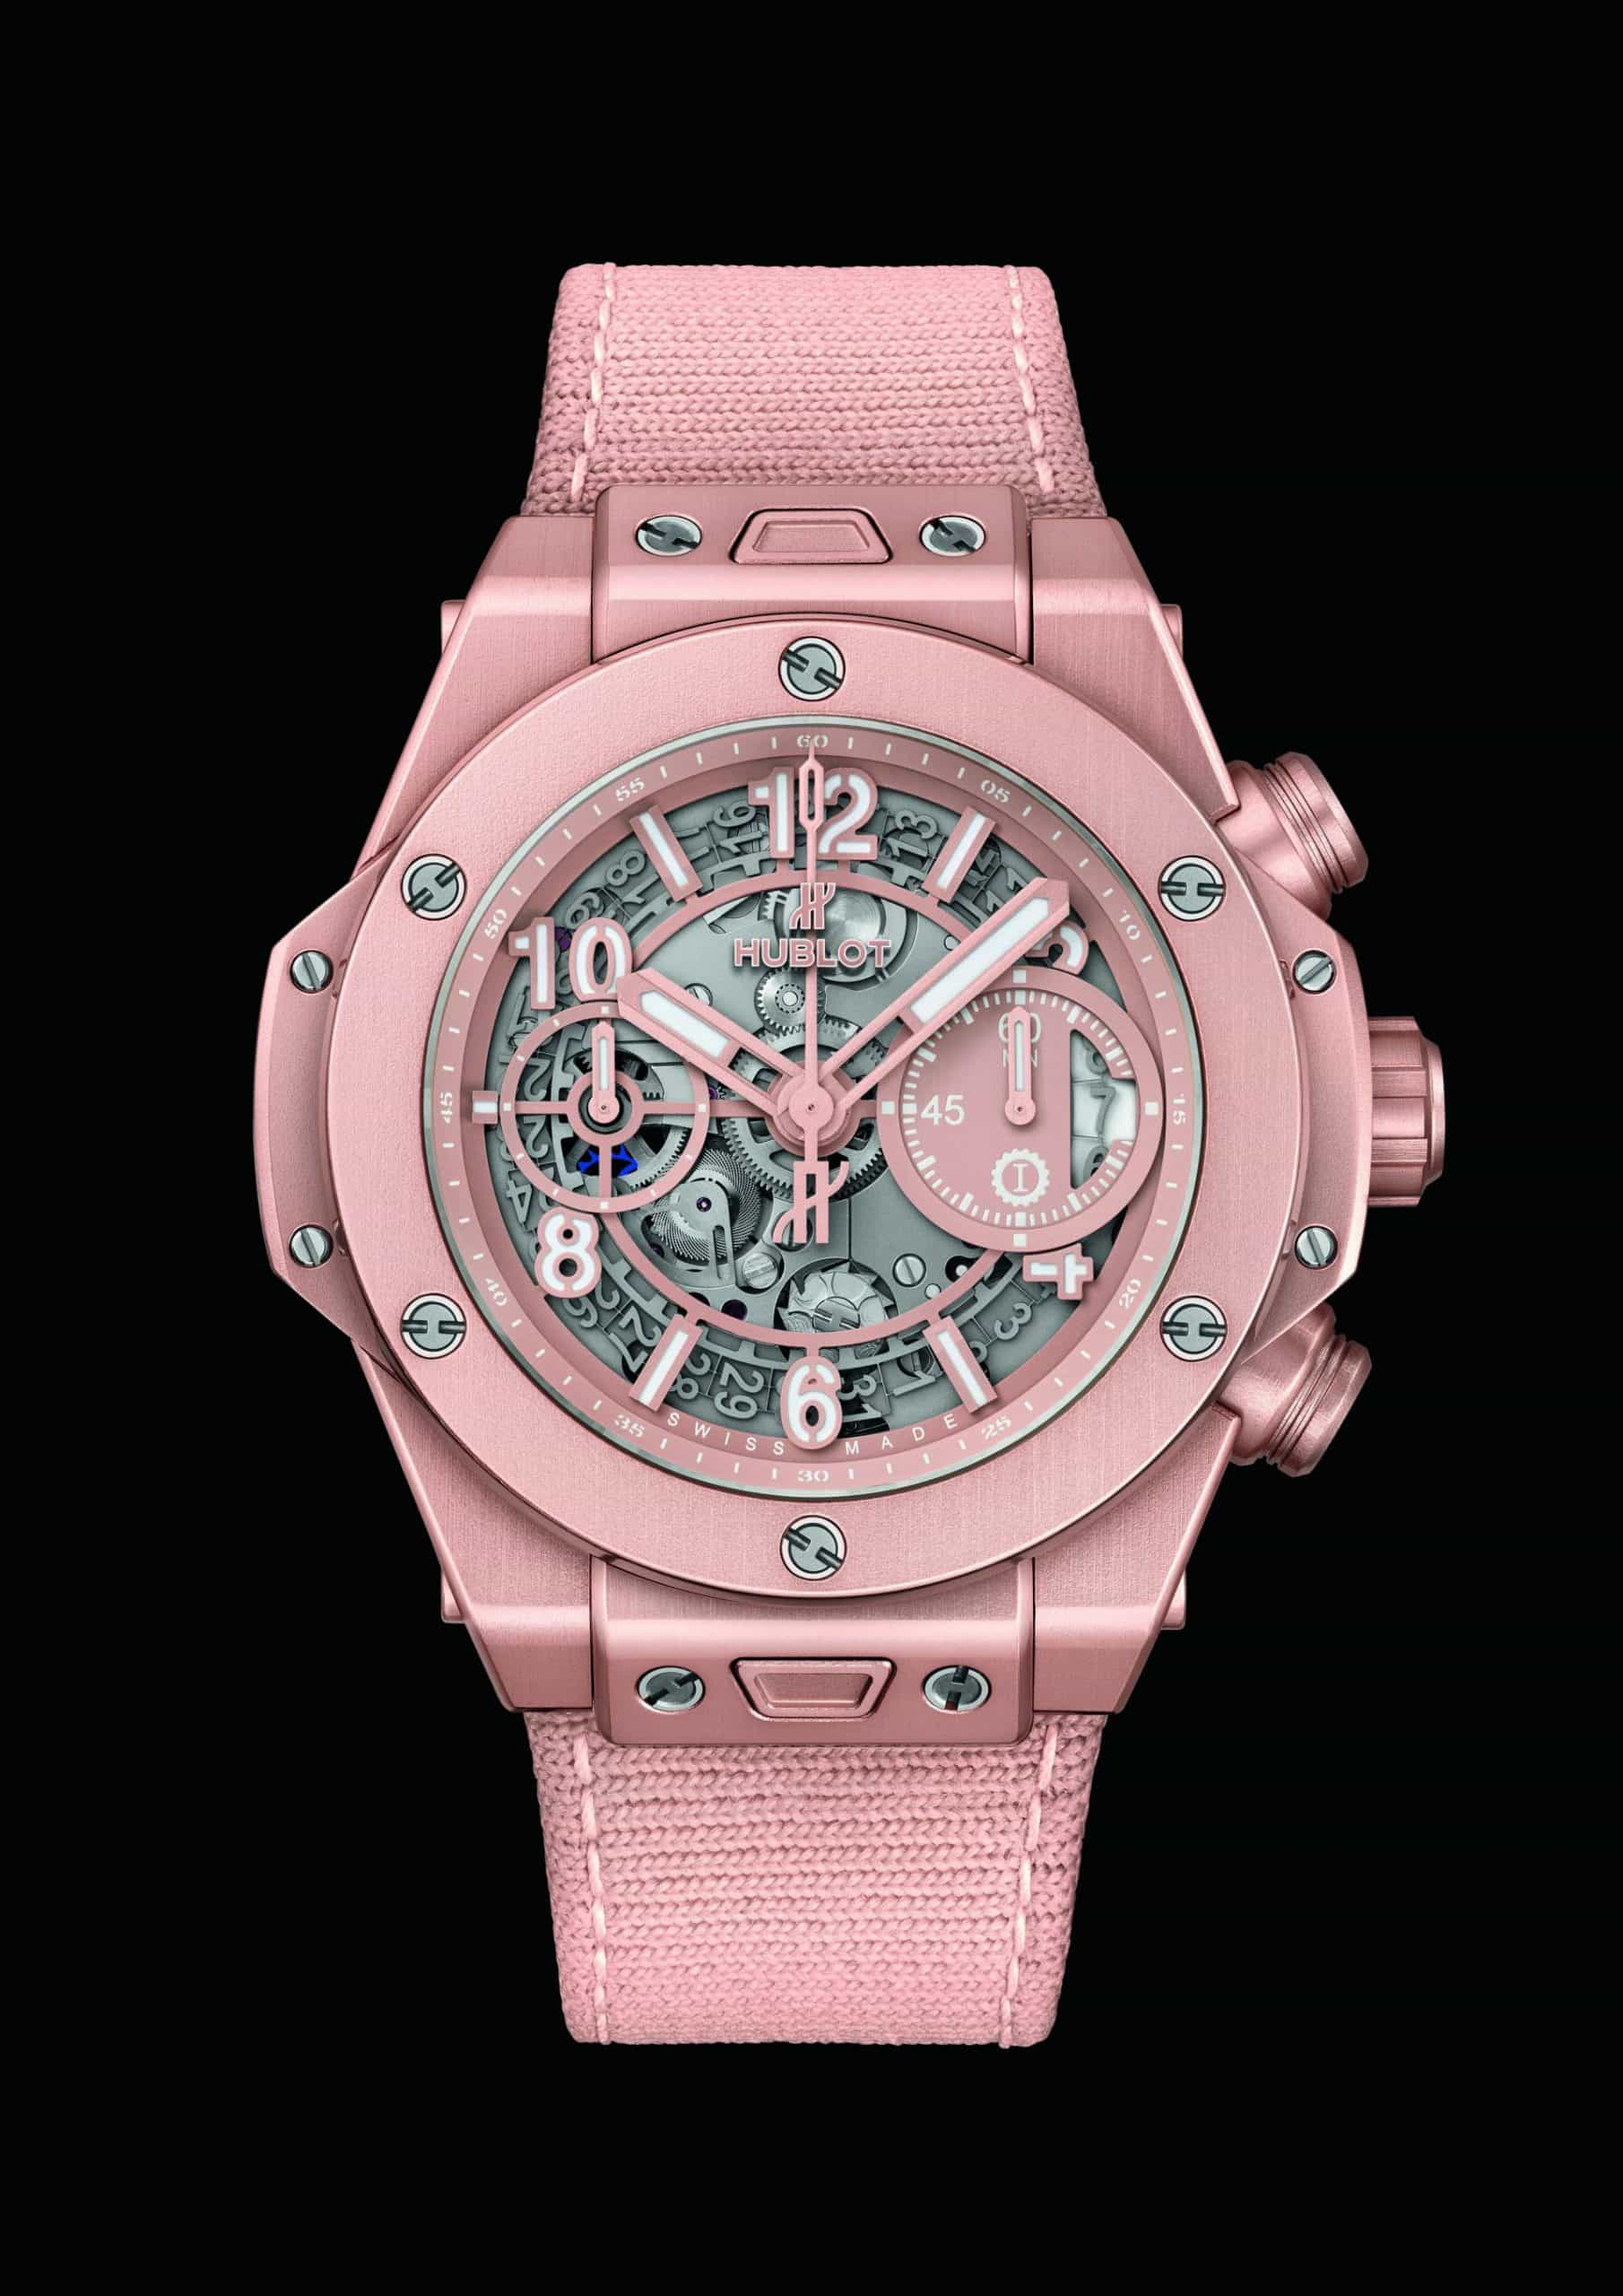 Hublot Big Bang Millennial Pink Garage Italia - ein echter eyecatcher